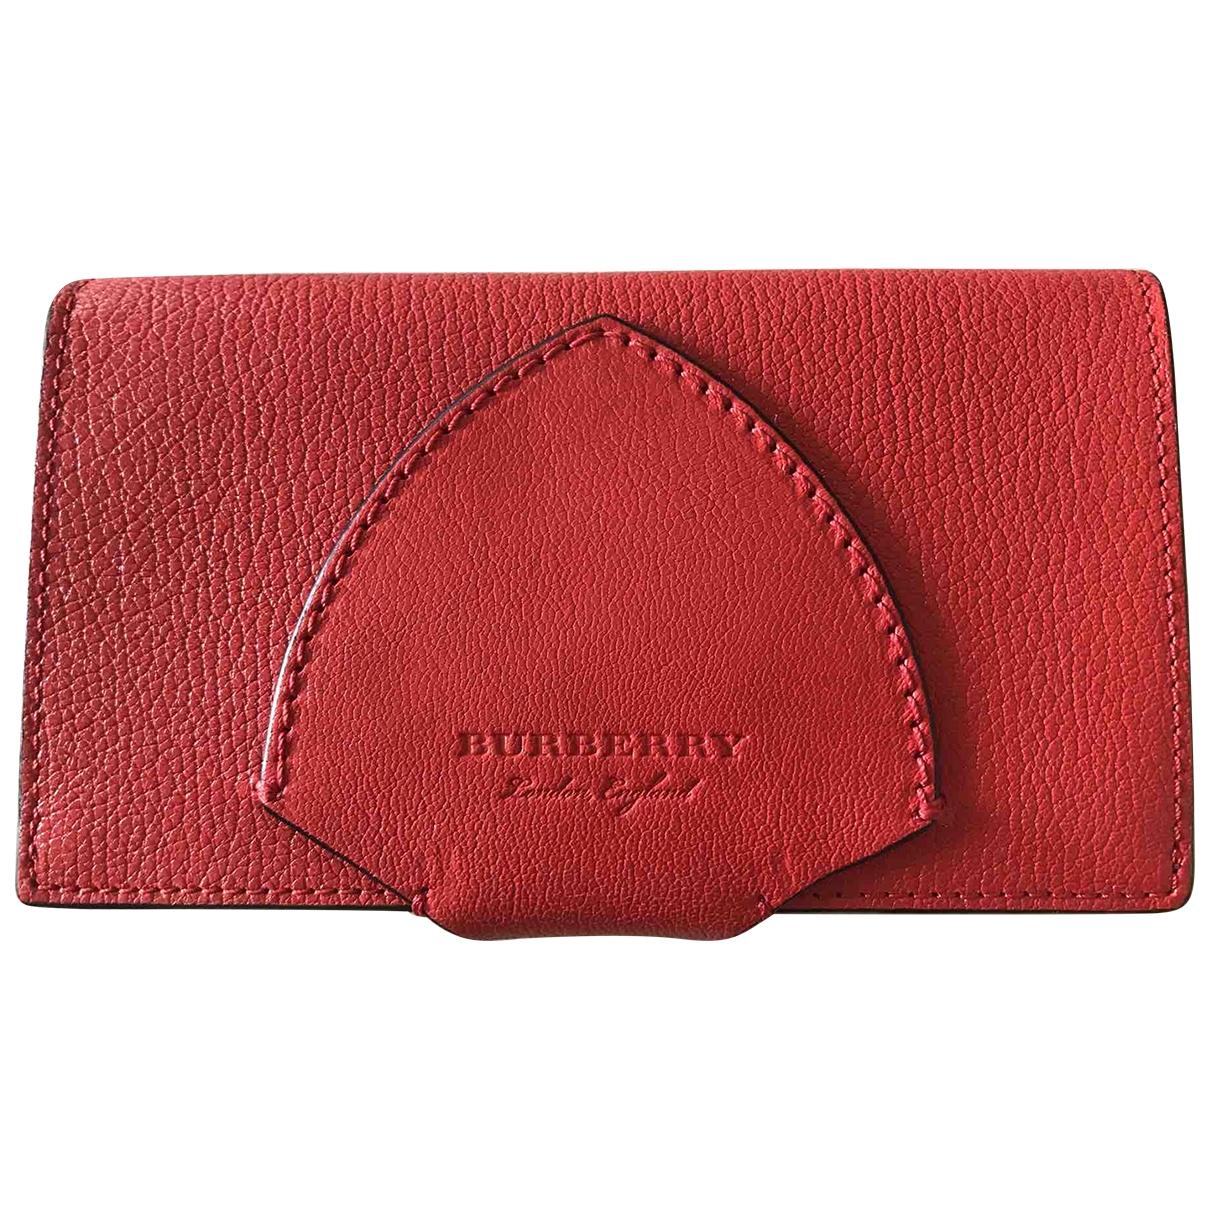 Burberry \N Portemonnaie in  Rot Leder